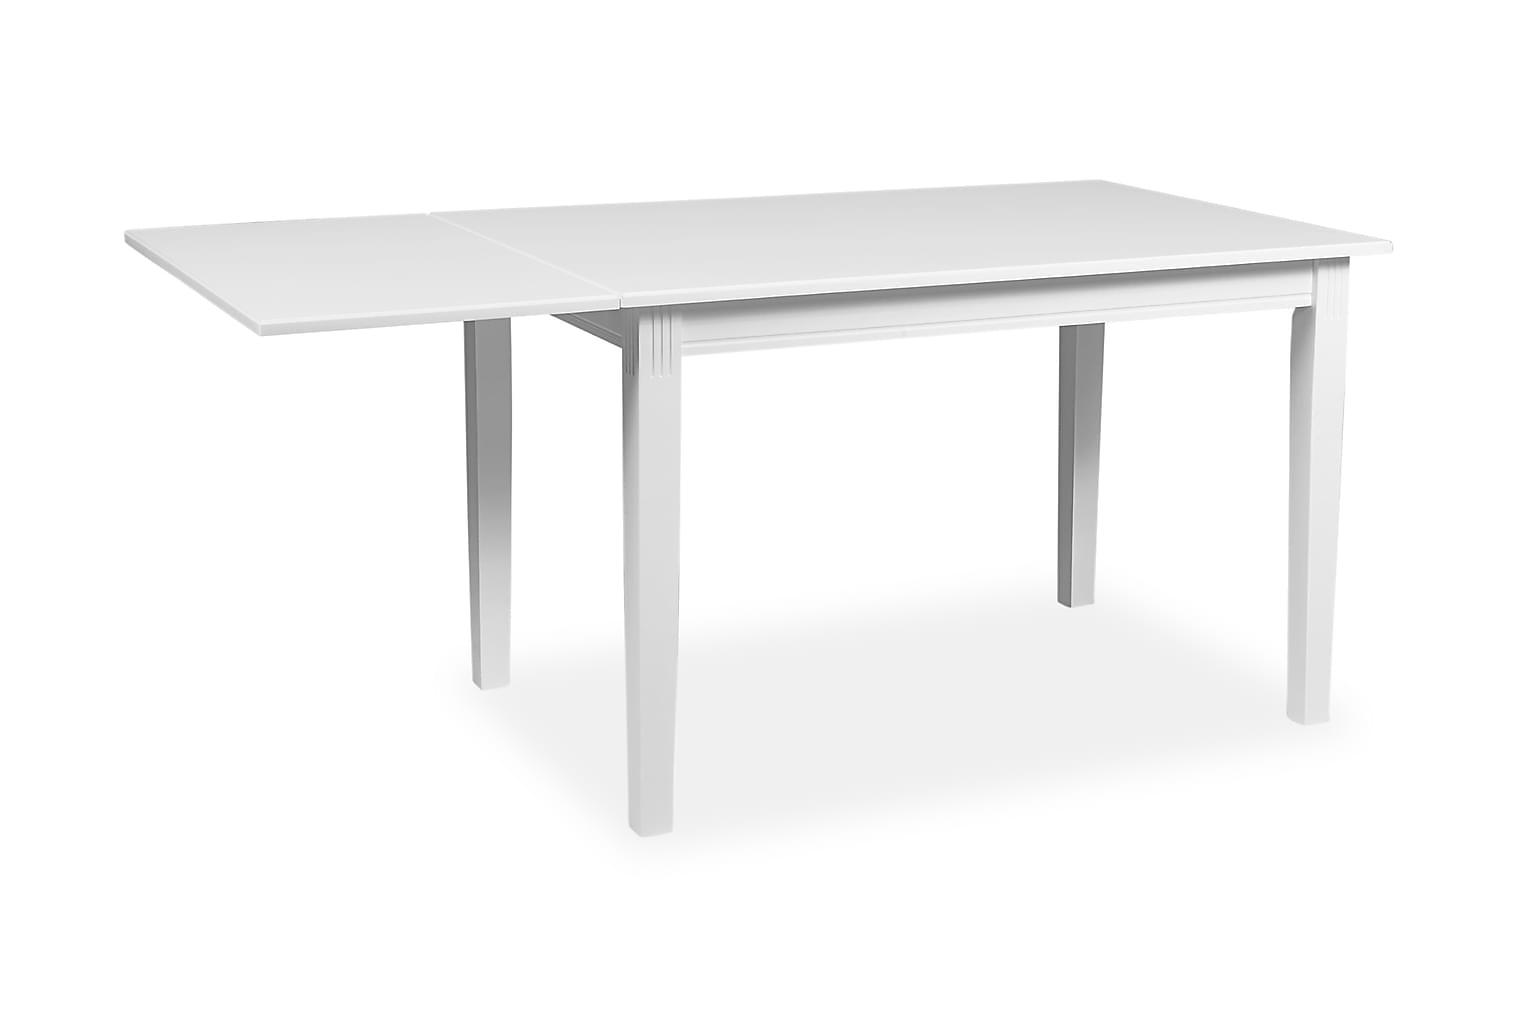 ASSARP Jatkettava Pöytä 120 Valkoinen